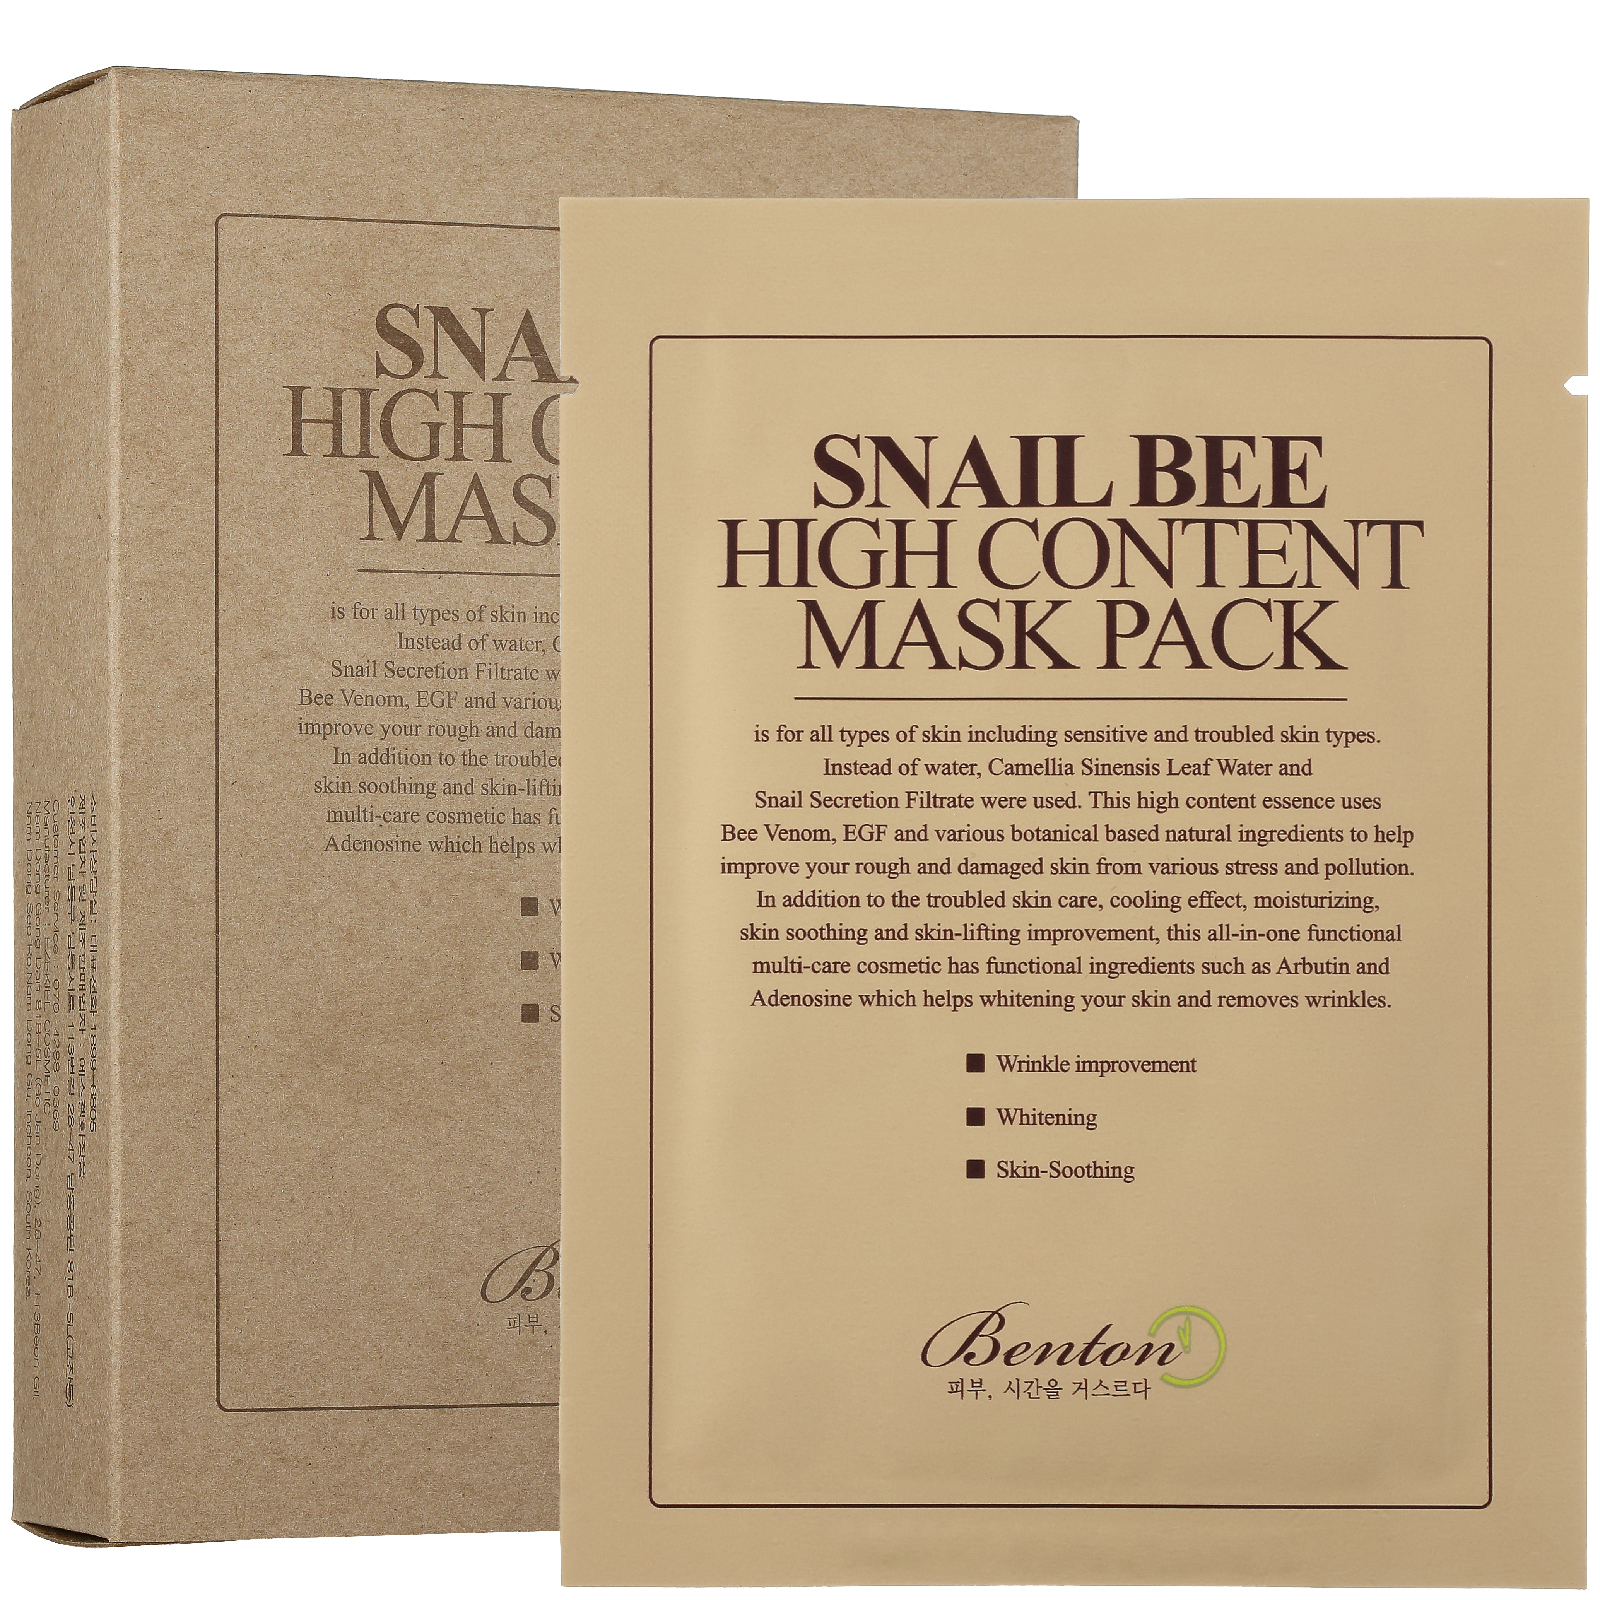 Маска с муцином улитки и ядом пчелы Benton Snail Bee High Content Mask Pack (набор из 10 шт.)  - Купить